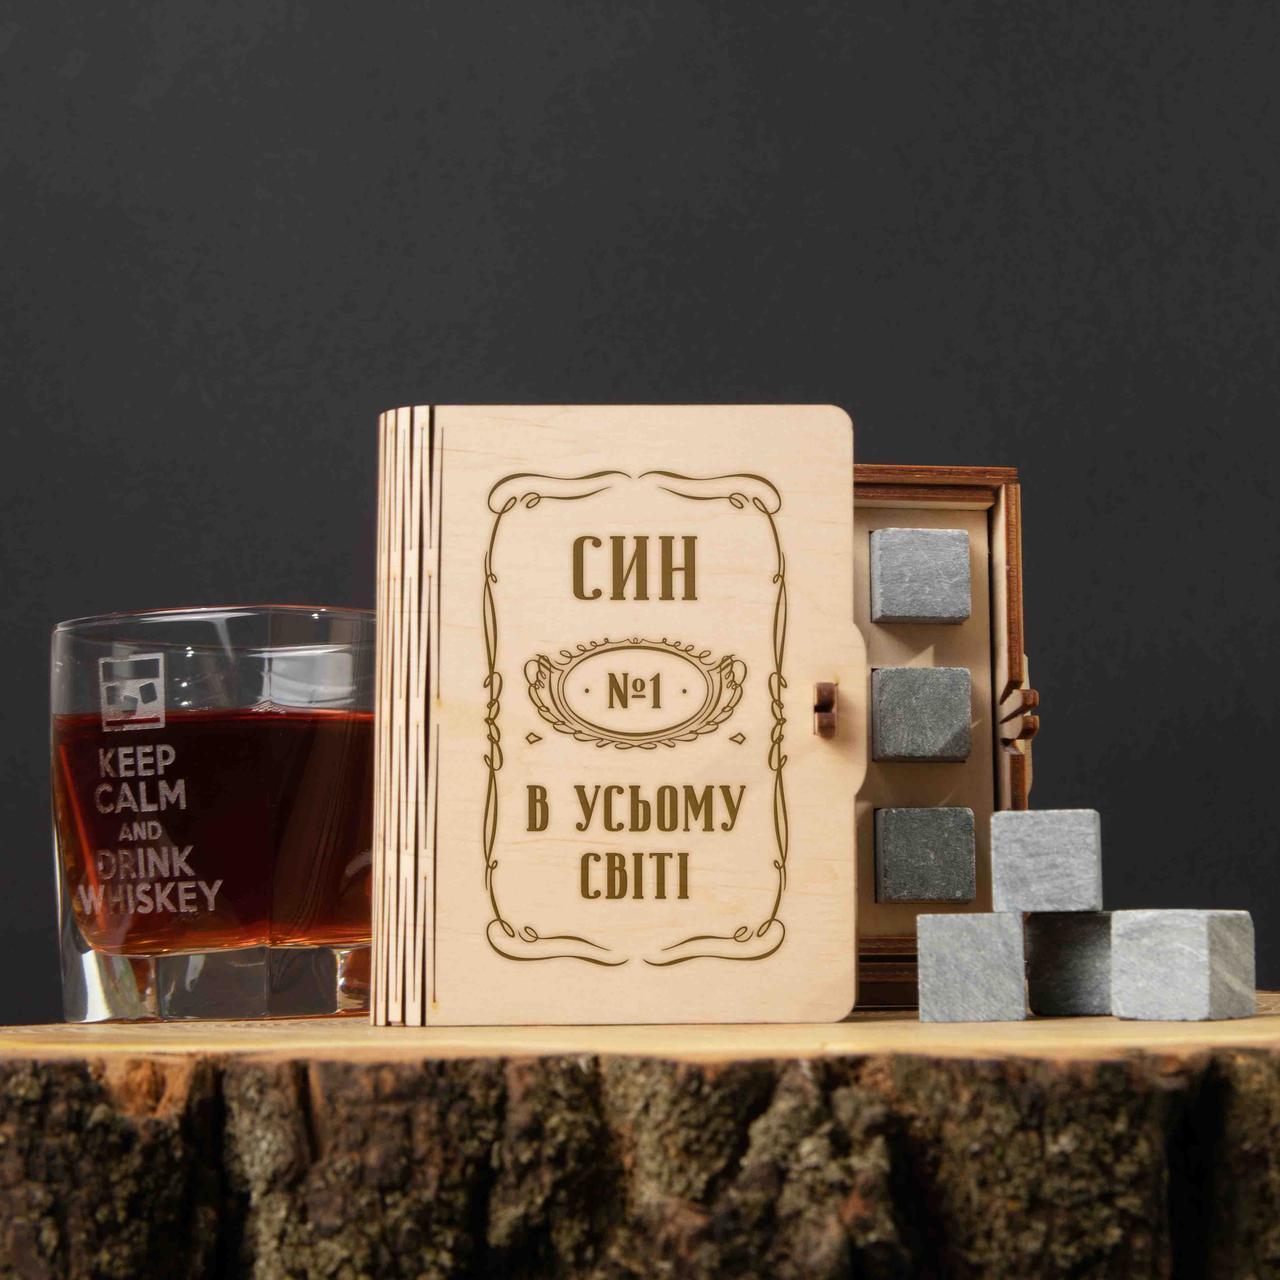 """Камни для виски """"Син №1 в усьому світі"""" 6 штук в подарочной коробке"""